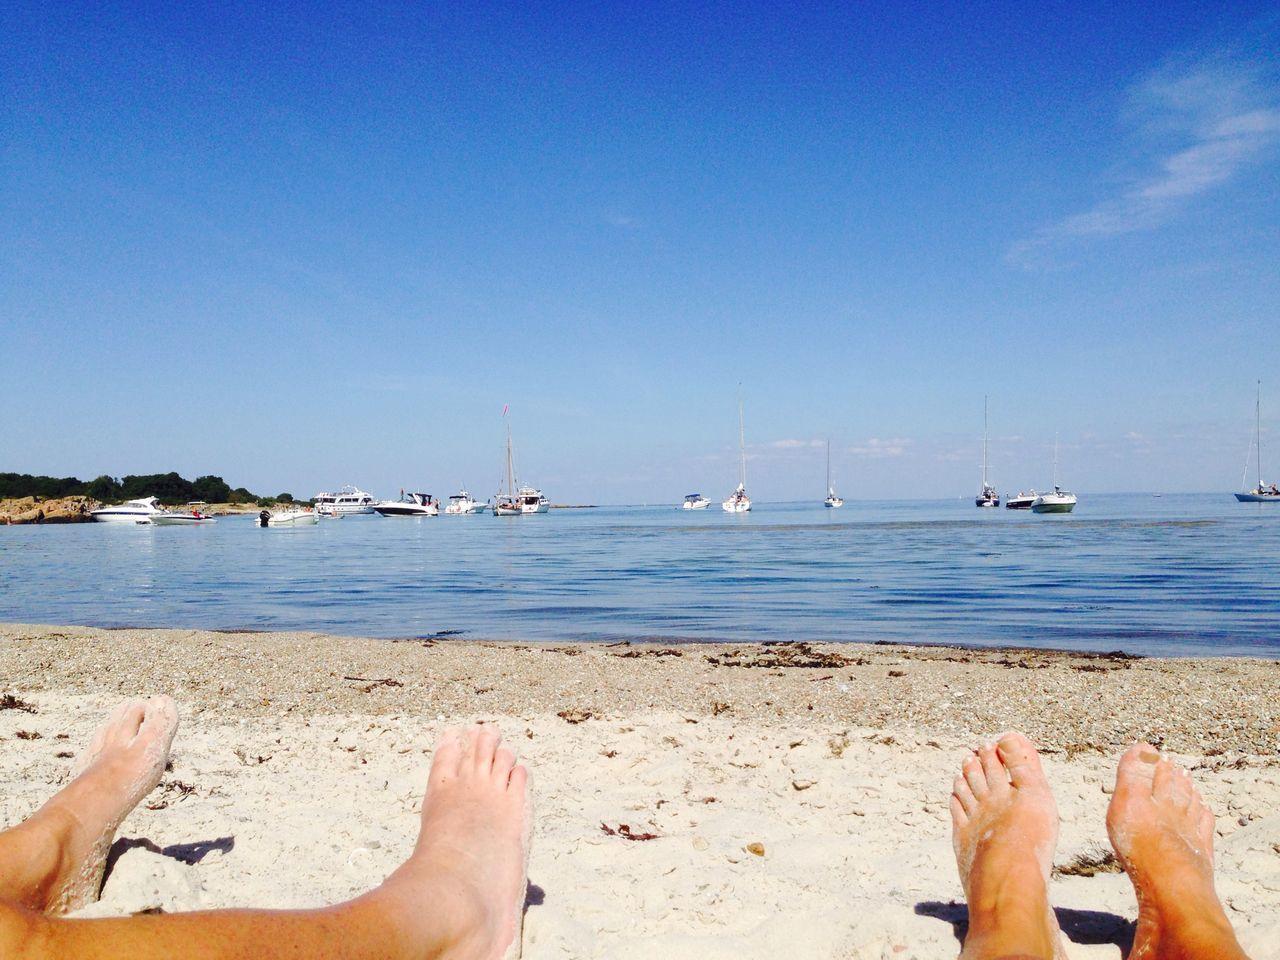 Summer Views Relaxing Enjoying Life Summer Sea Beach Landscape